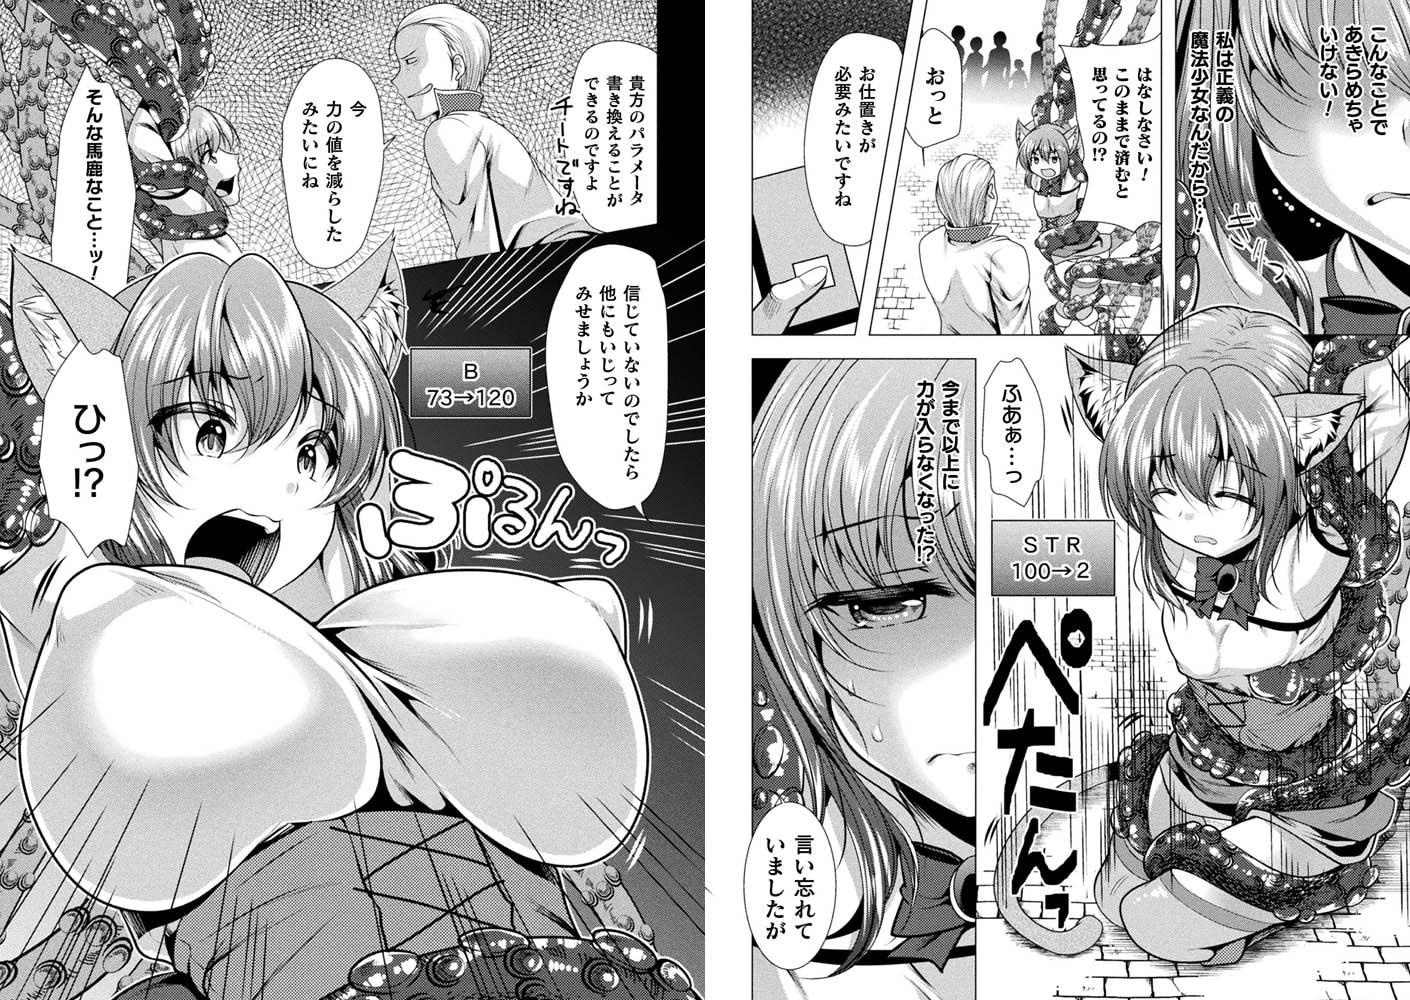 二次元コミックマガジン エロステータスでヒロイン解剖 陵辱経験値上昇中!Vol.2